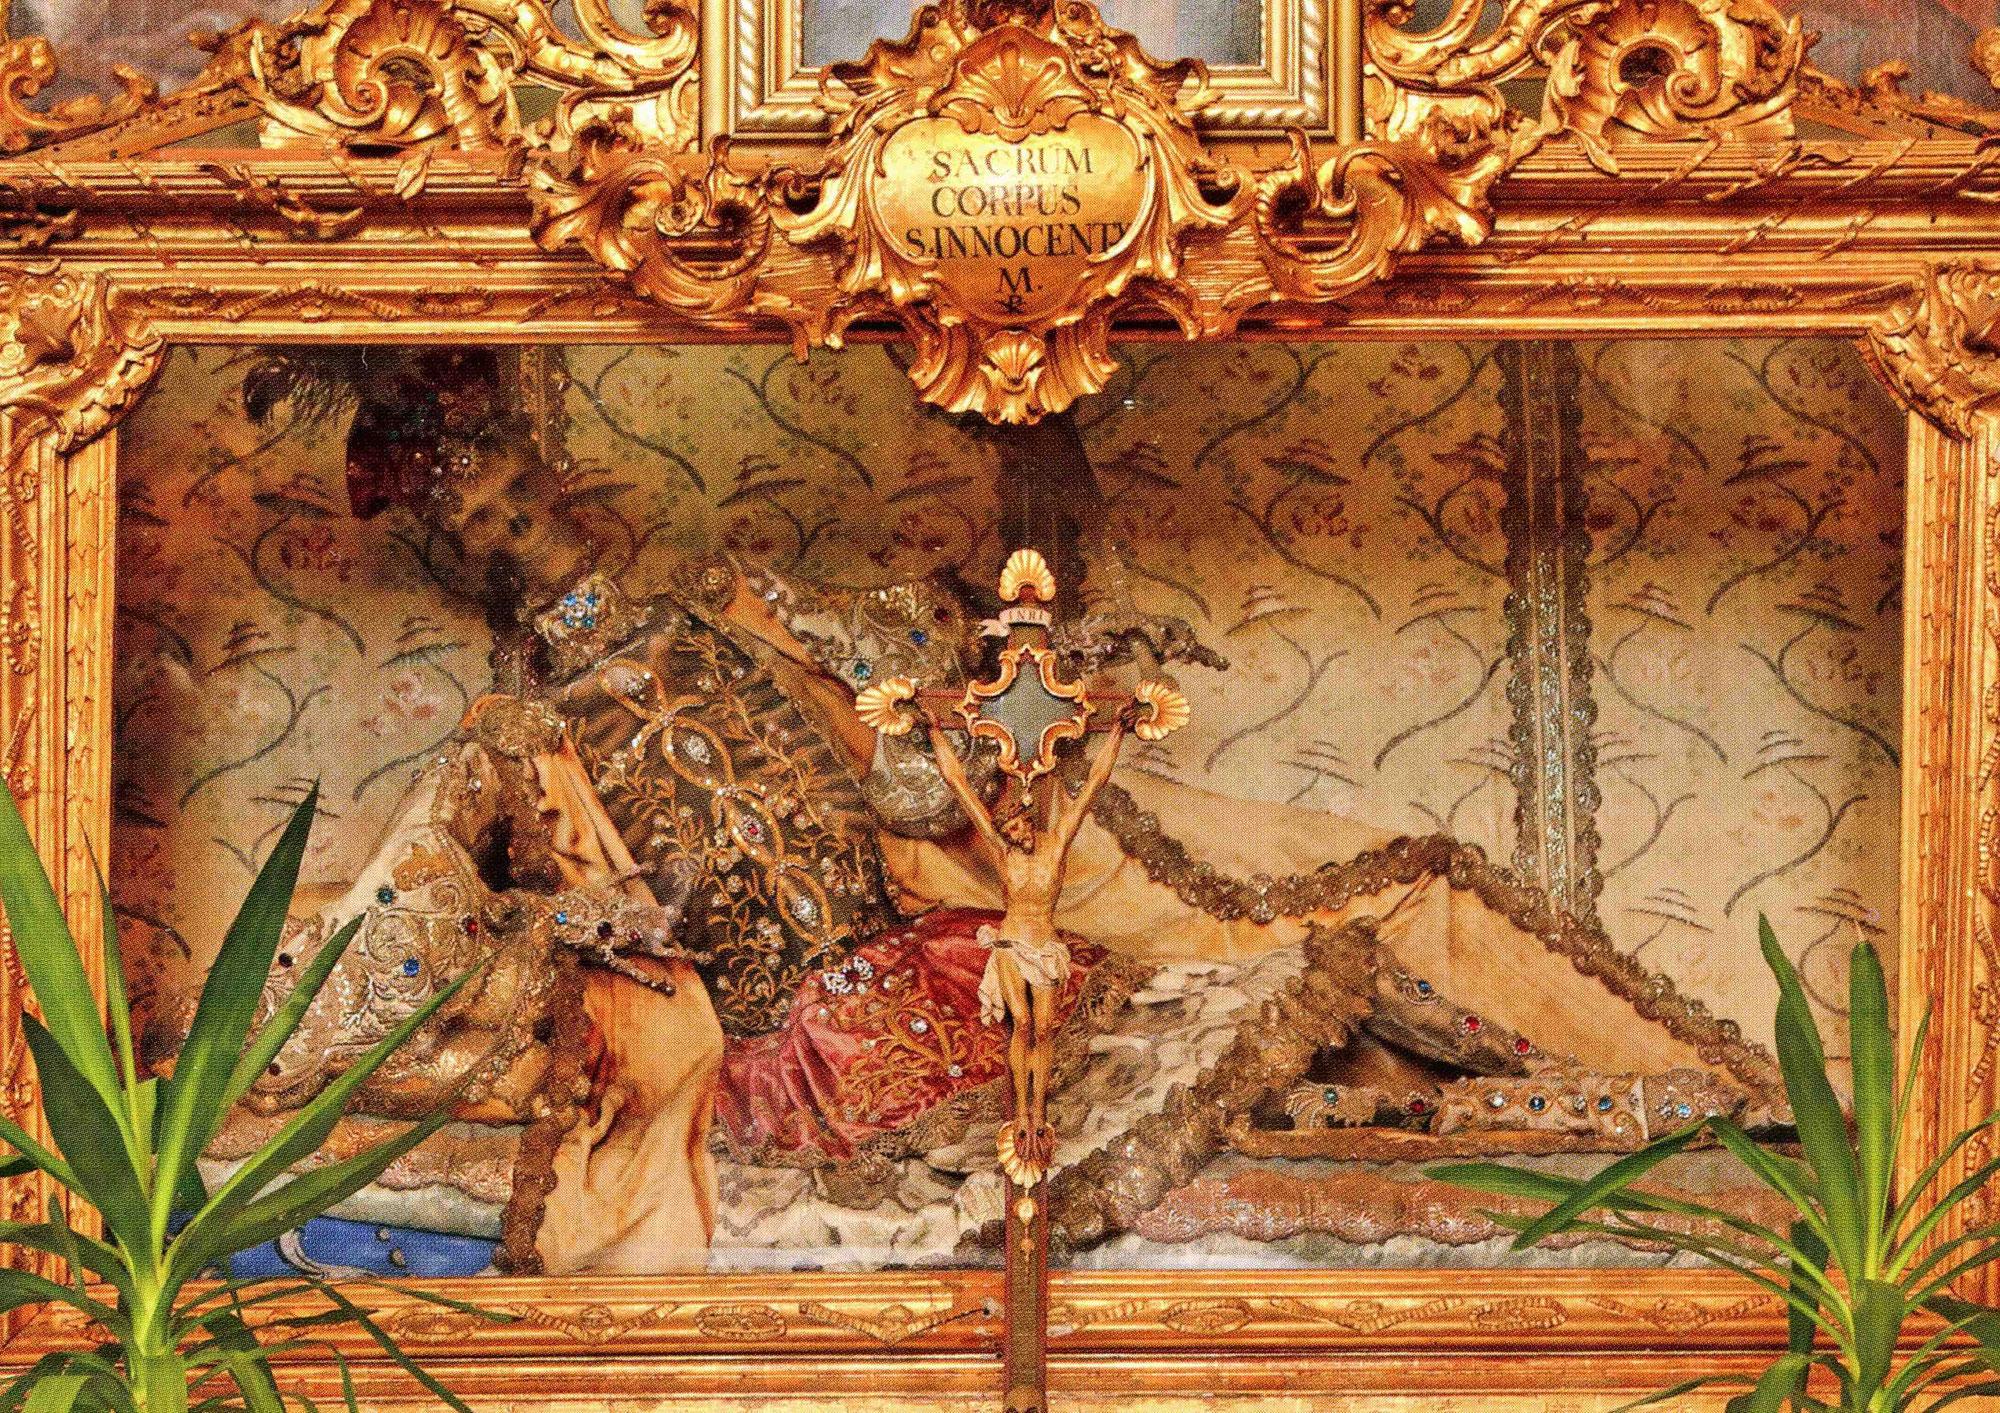 Der Leib des hl. Innocentius in Michelfeld